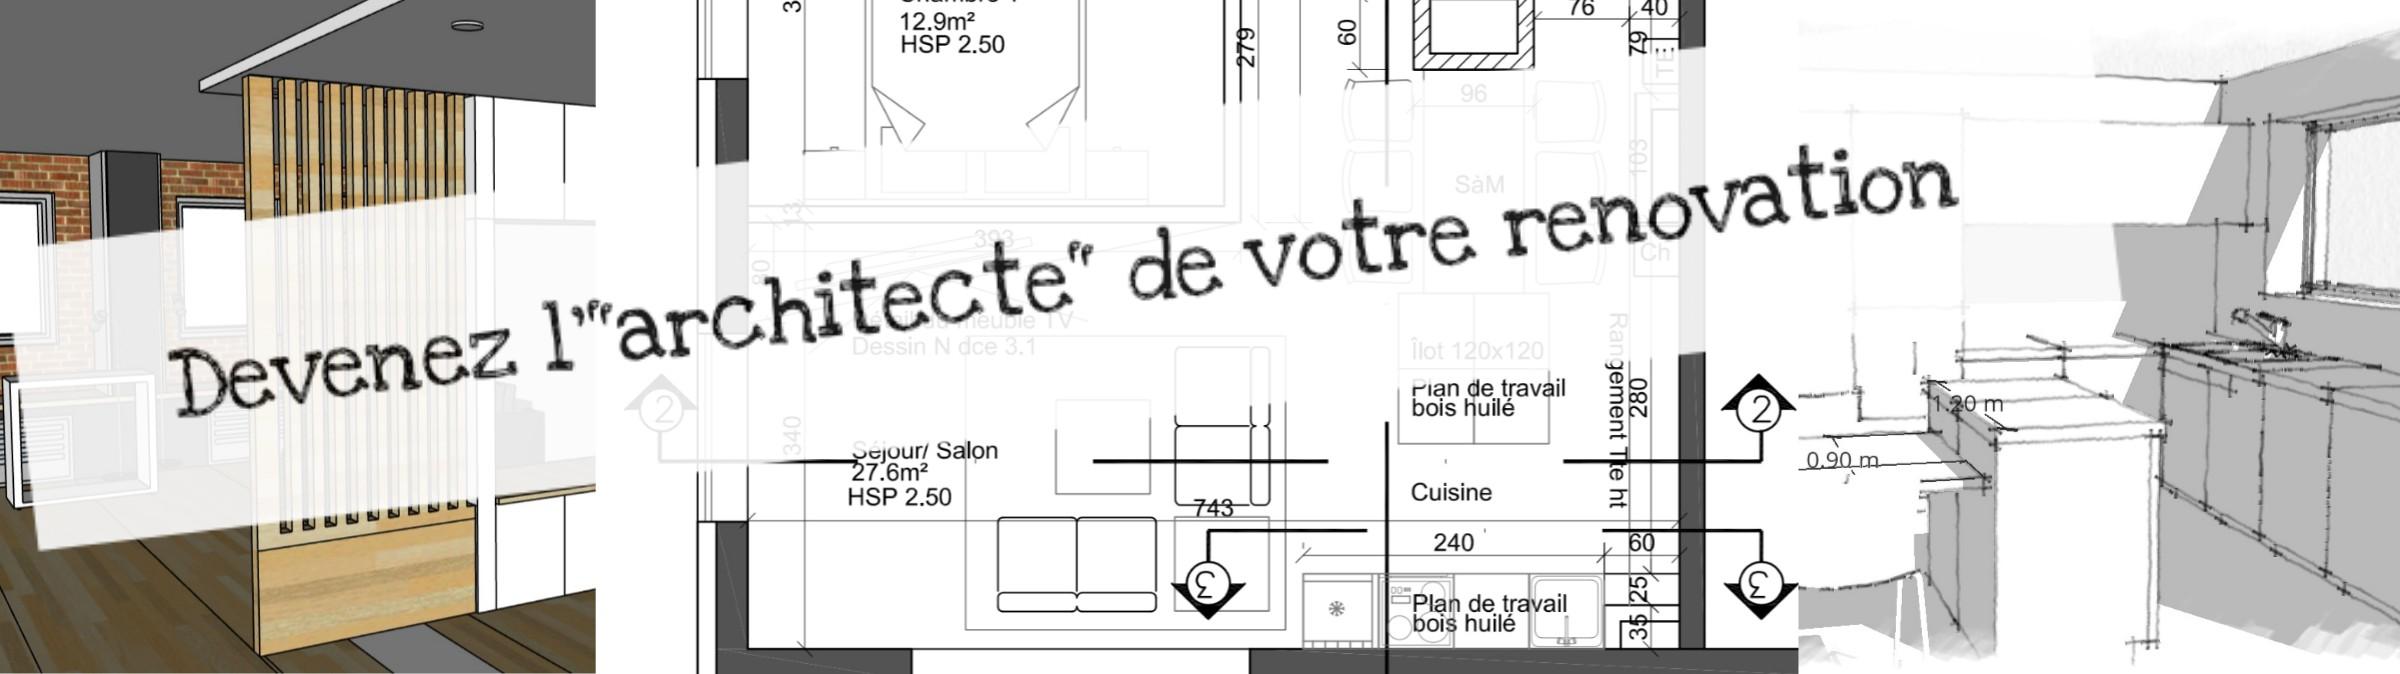 """Devenez l'""""architecte"""" de votre rénovation"""